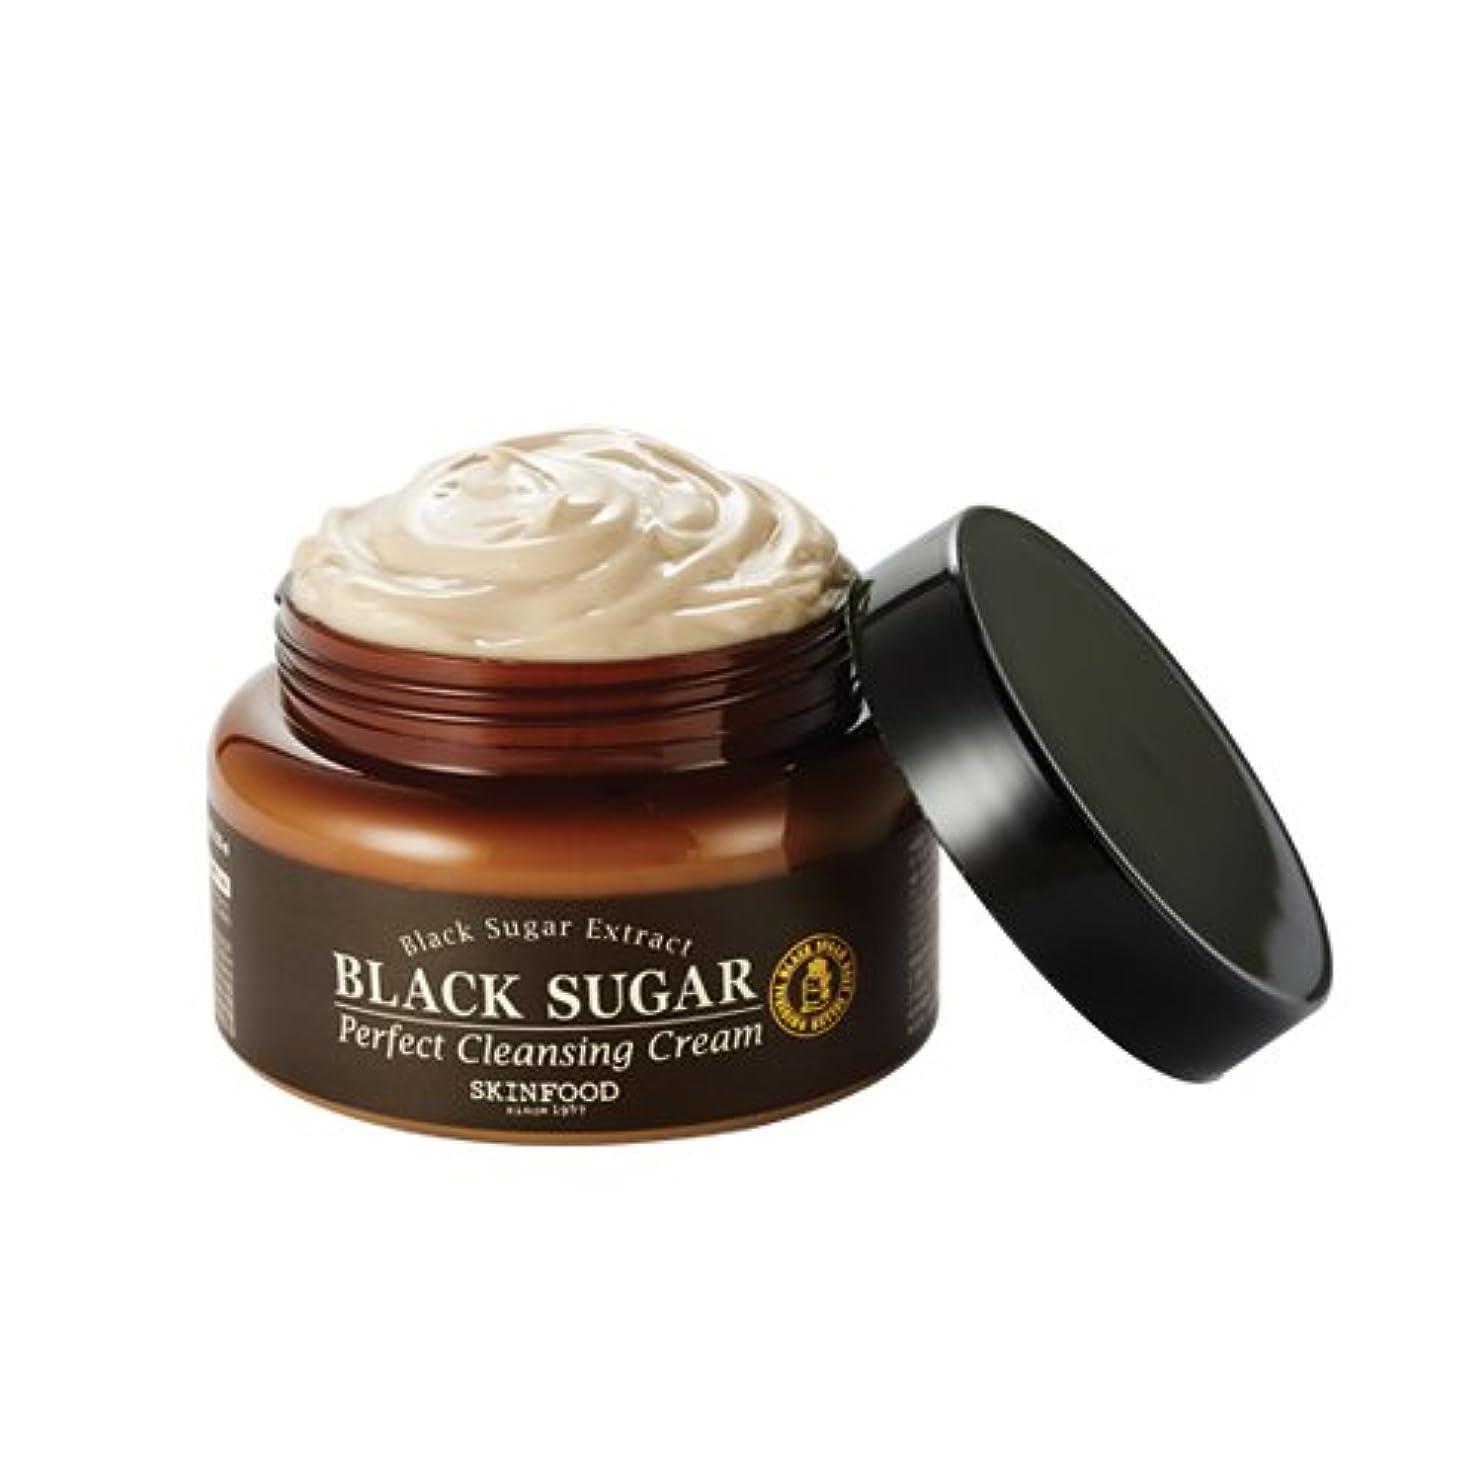 リー会員塩Skinfood/Black Sugar Perfect Cleansing Cream/黒糖パーフェクトクレンジングクリーム/230ml [並行輸入品]